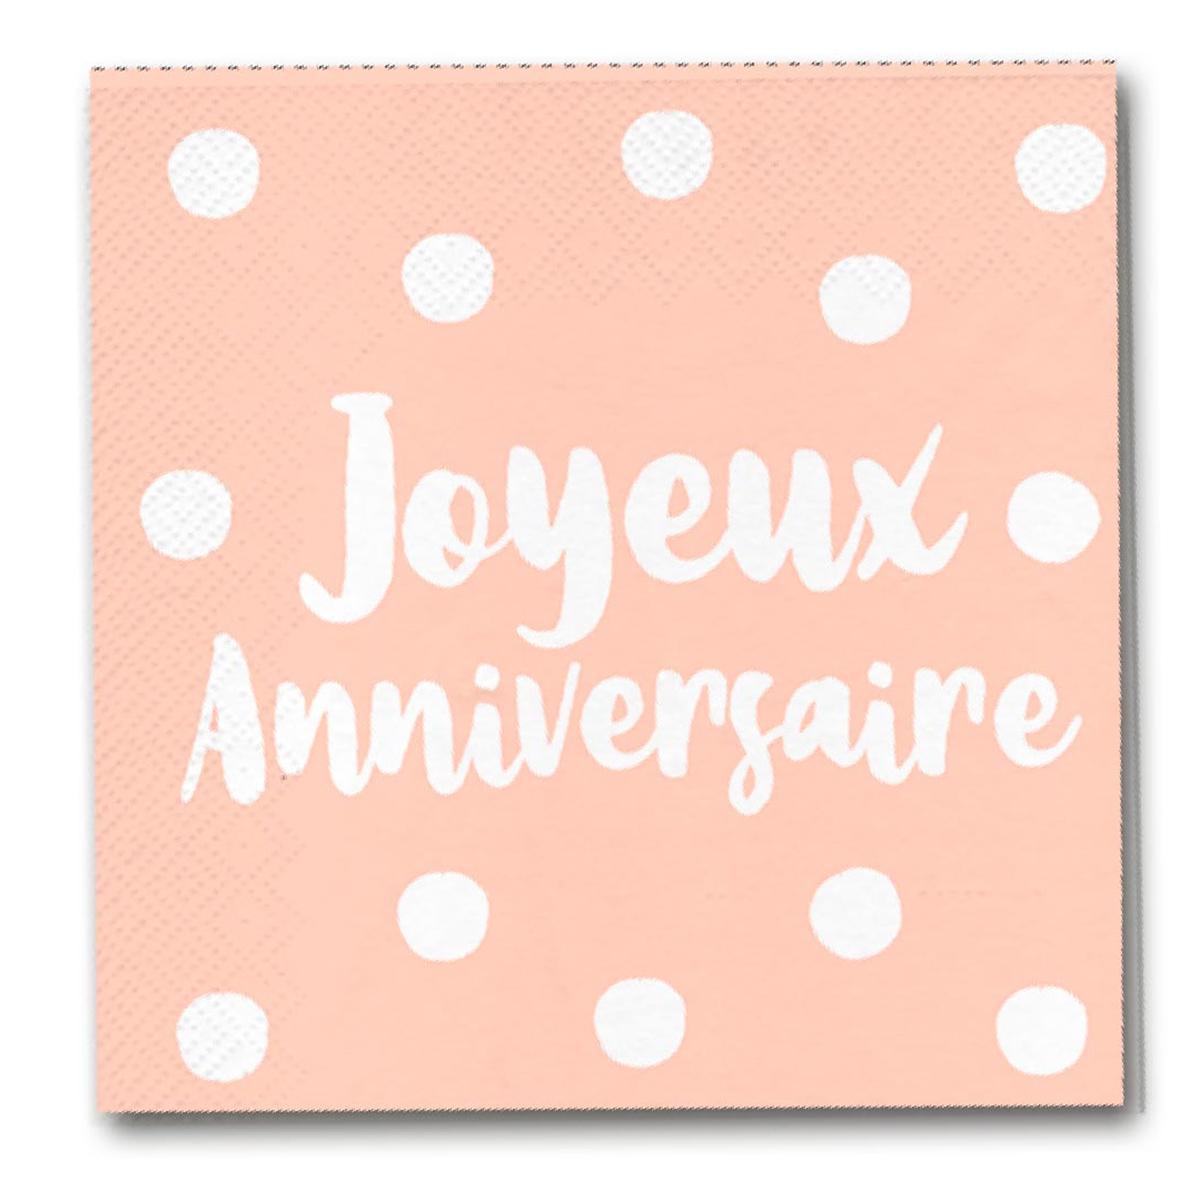 Pack de 12 serviettes en papier \'Joyeux Anniversaire\' rosé (blush) - 165x165 cm - [A0763]